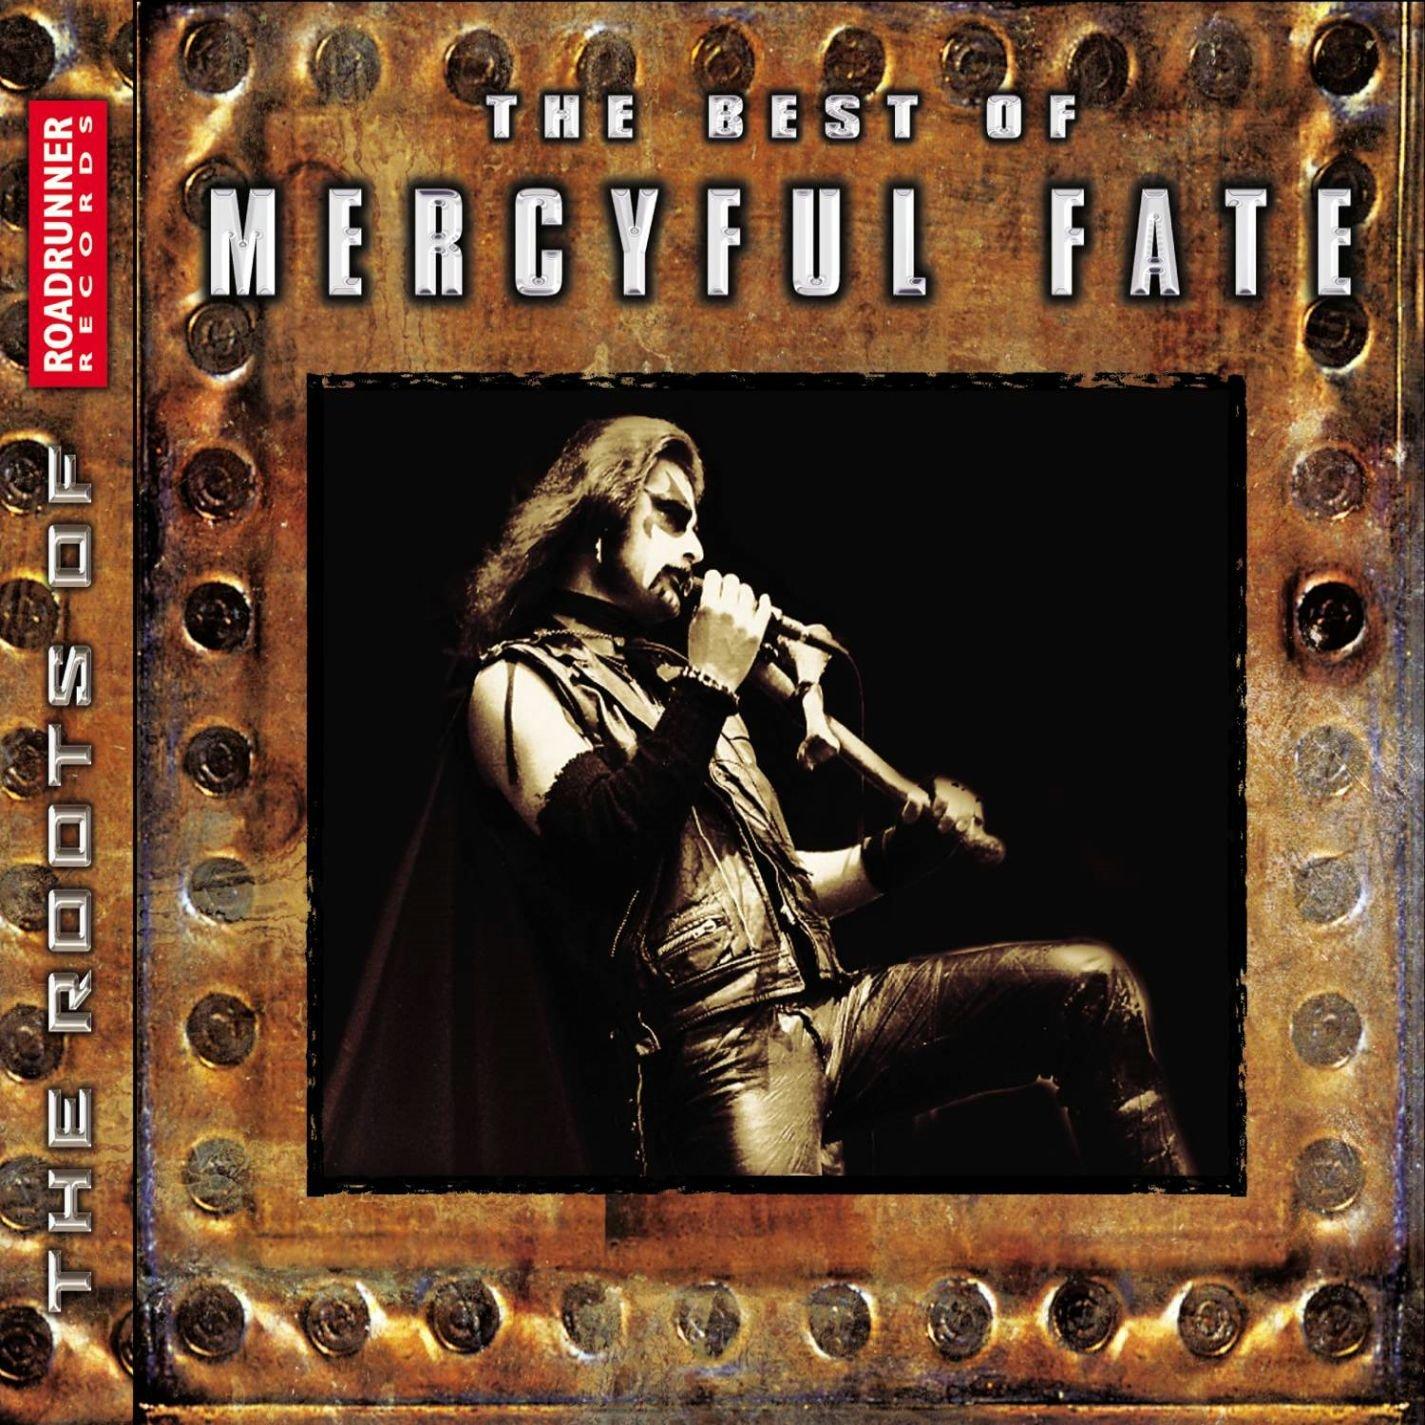 Best of: MERCYFUL FATE